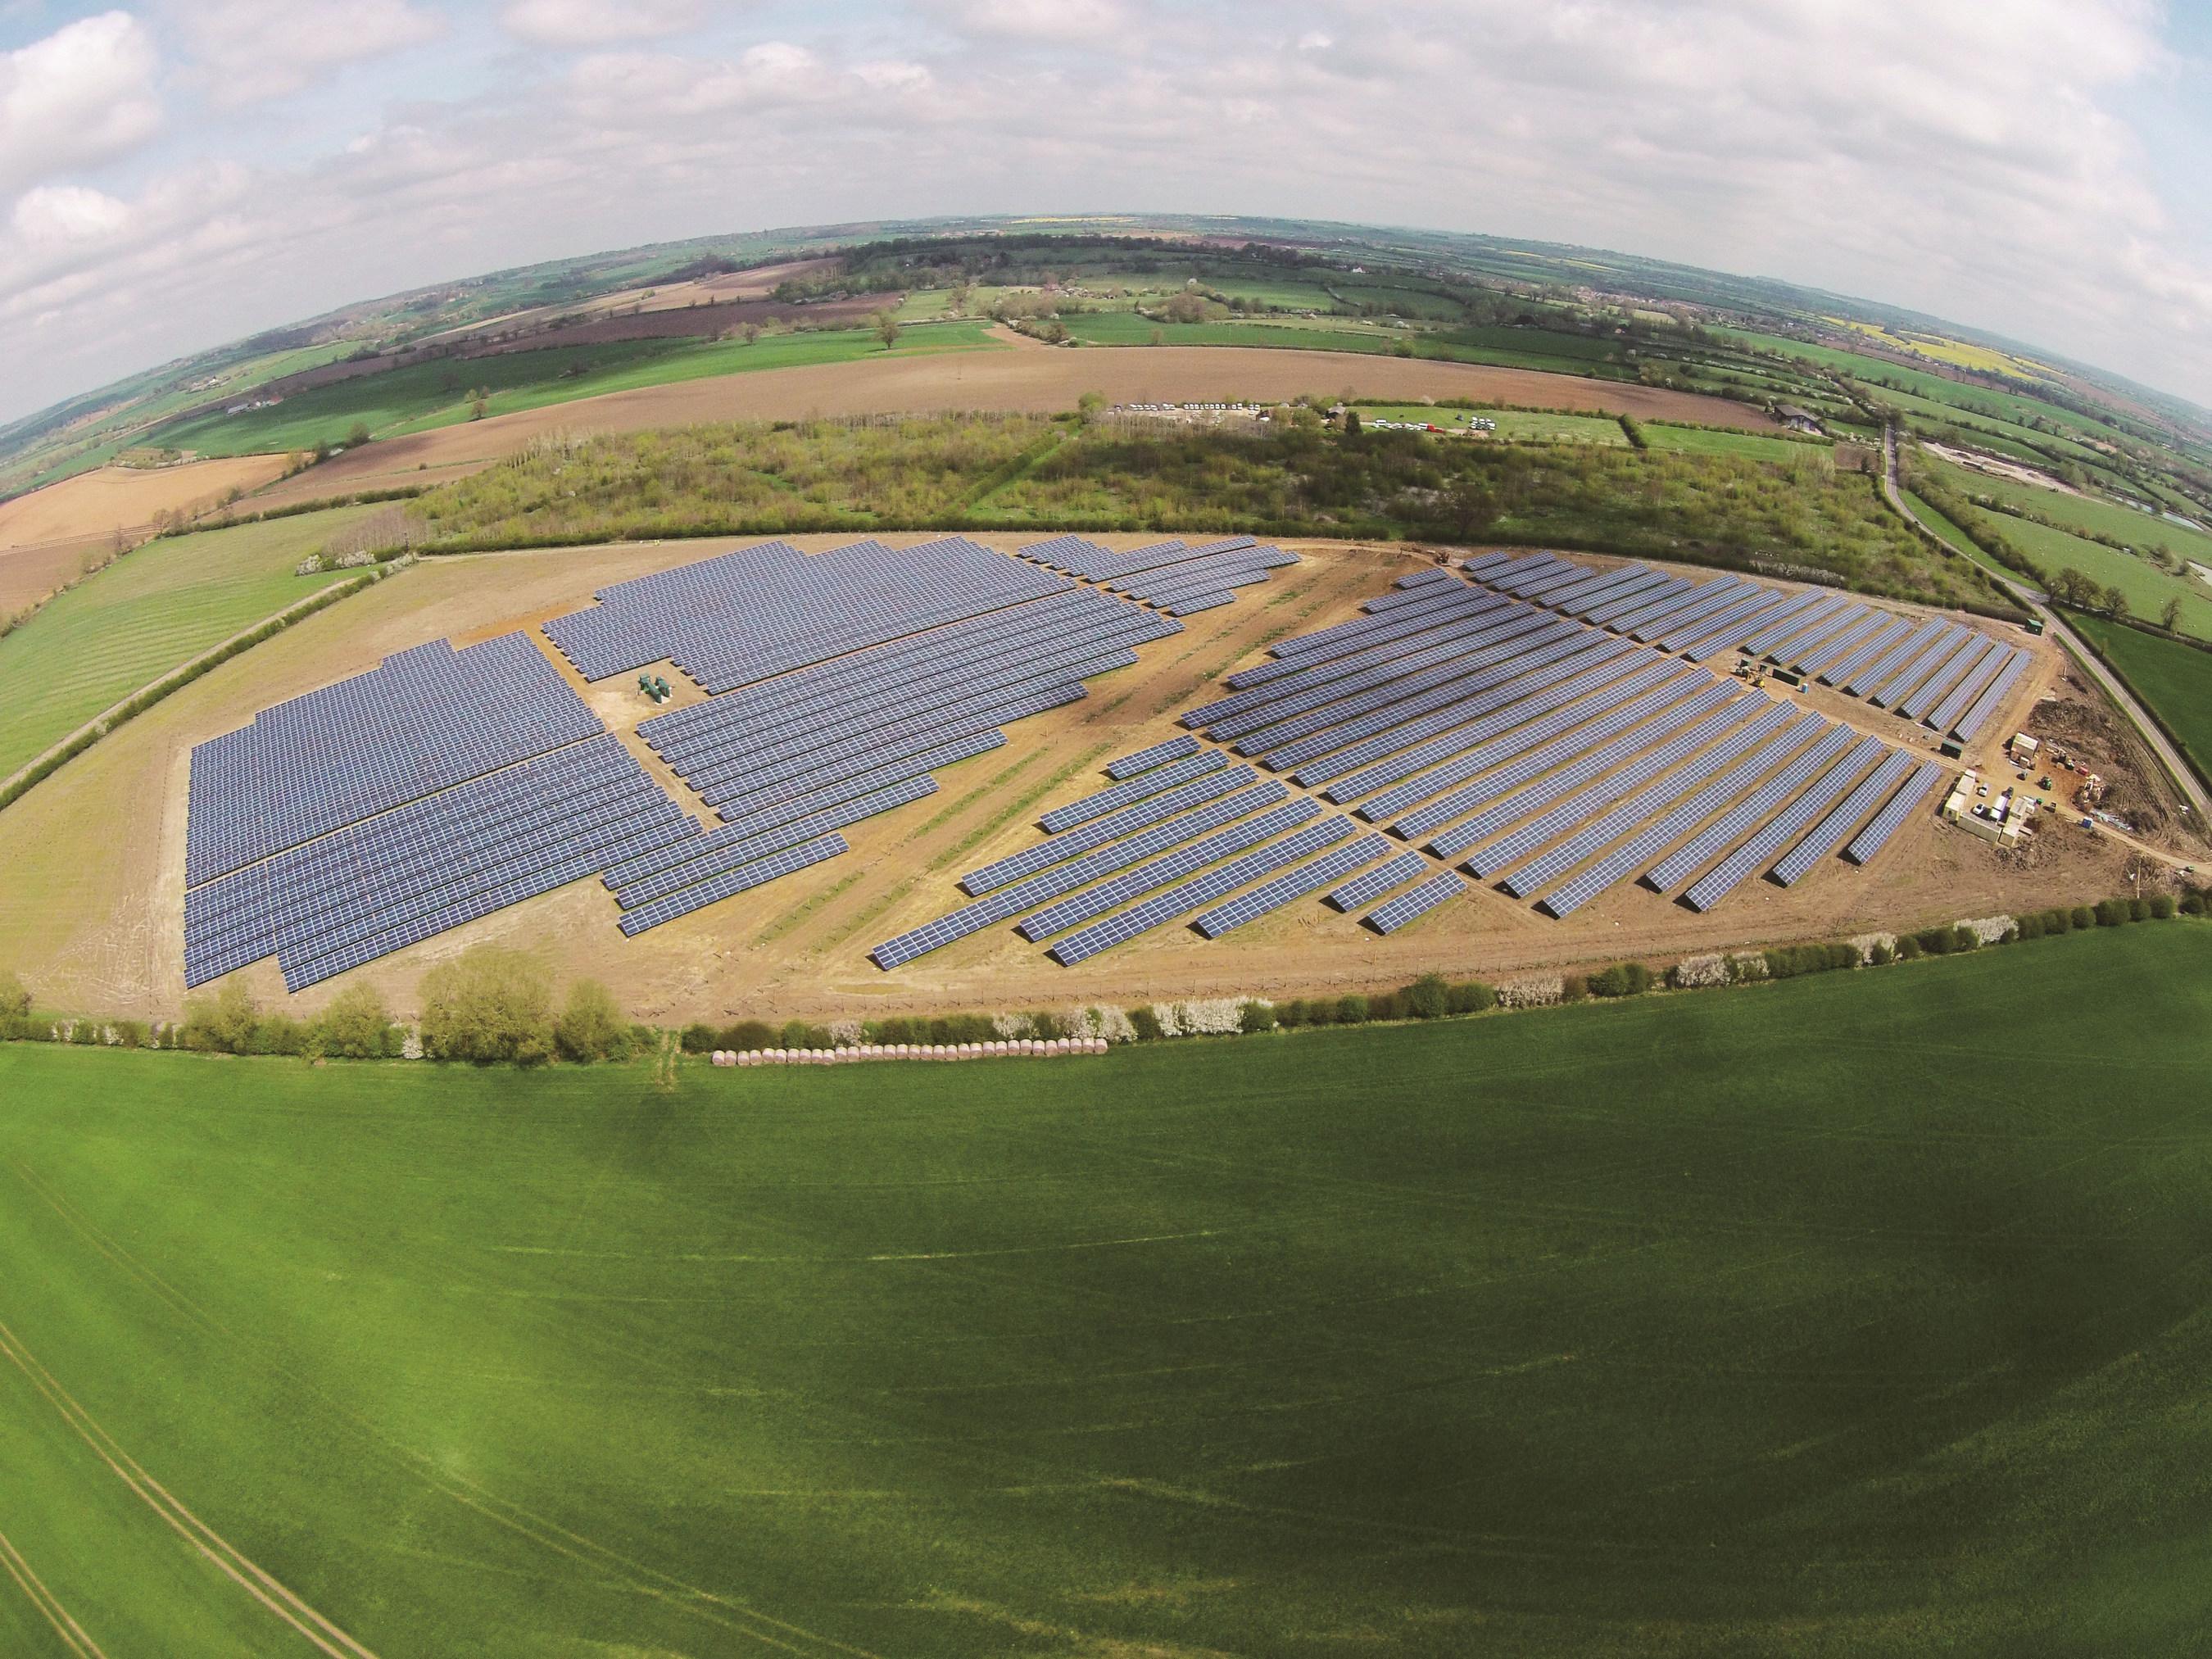 ET Solar raccorde une centrale photovoltaïque de 5 MWc au Royaume-Uni pour Lightsource Renewable